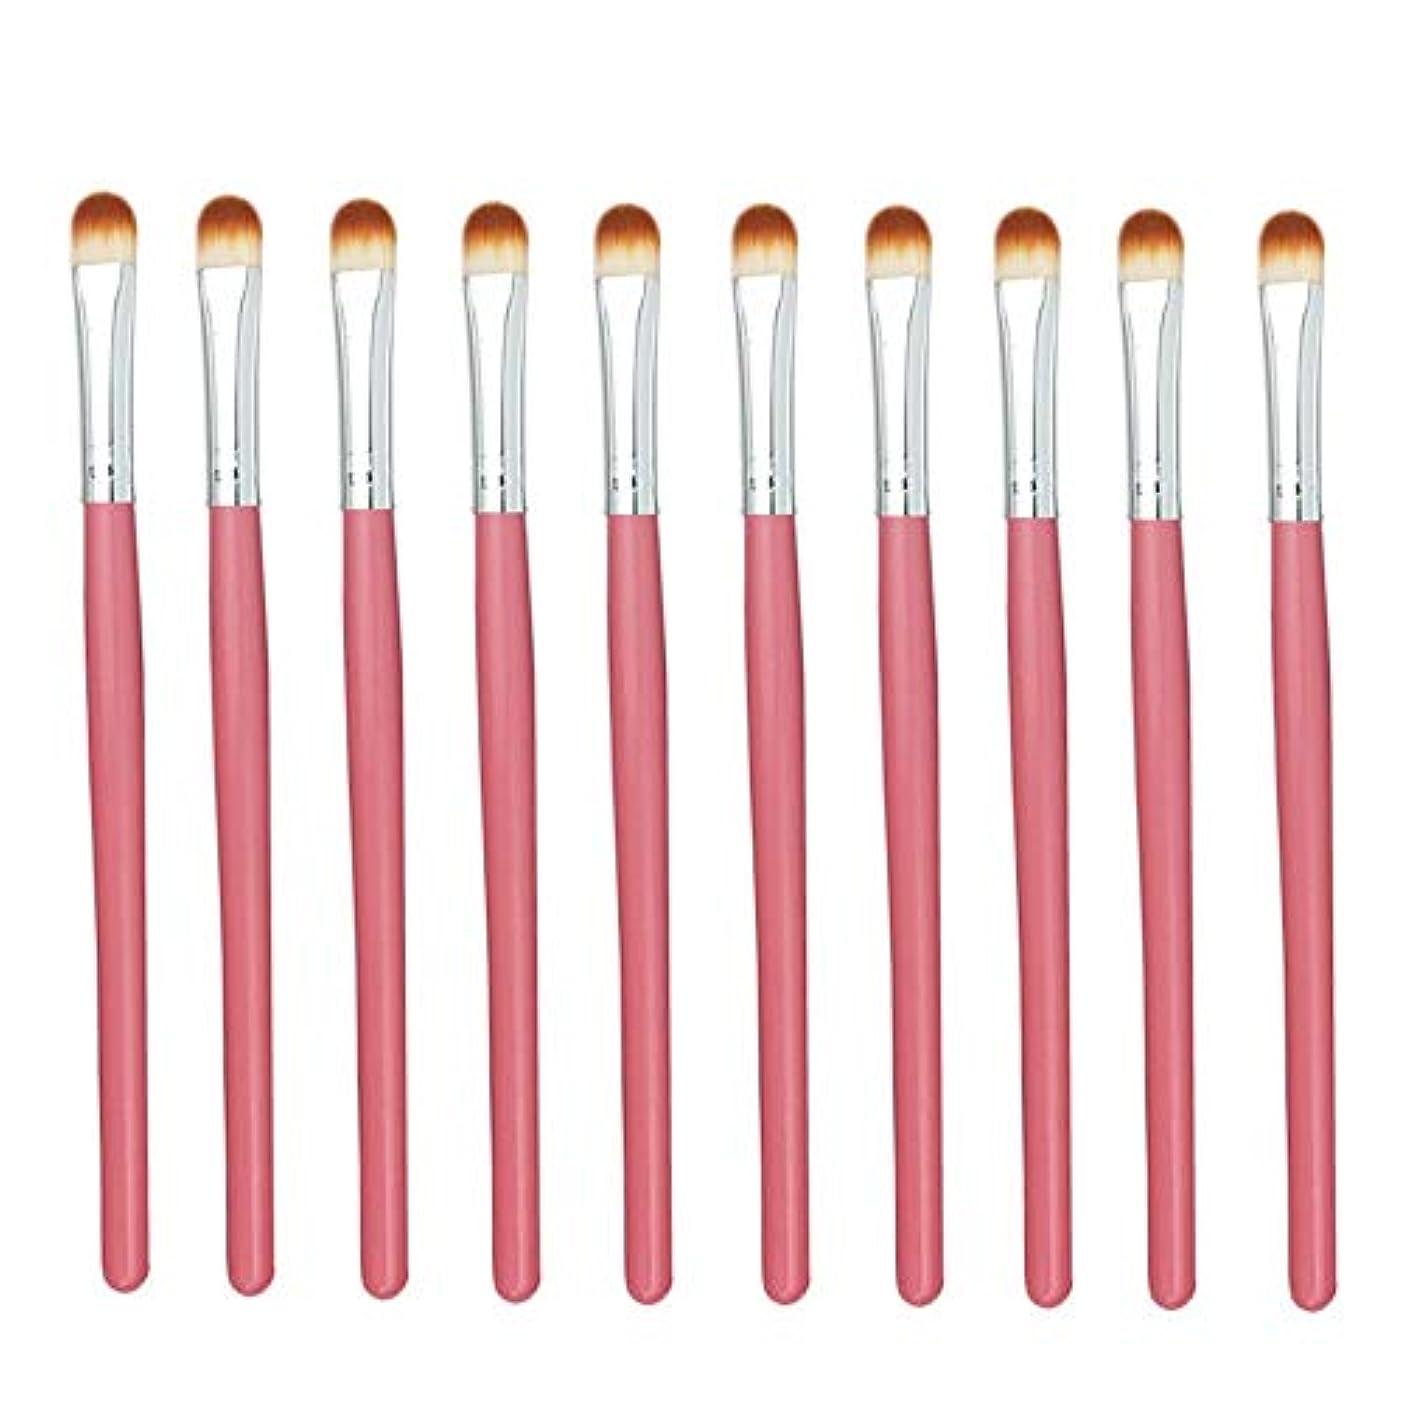 子羊衝撃に頼るMakeup brushes ピンク、アイシャドウブラシ初心者および専門家向けのアイメイクブラシ10スティックアイメイクブラシ suits (Color : Pink Silver)